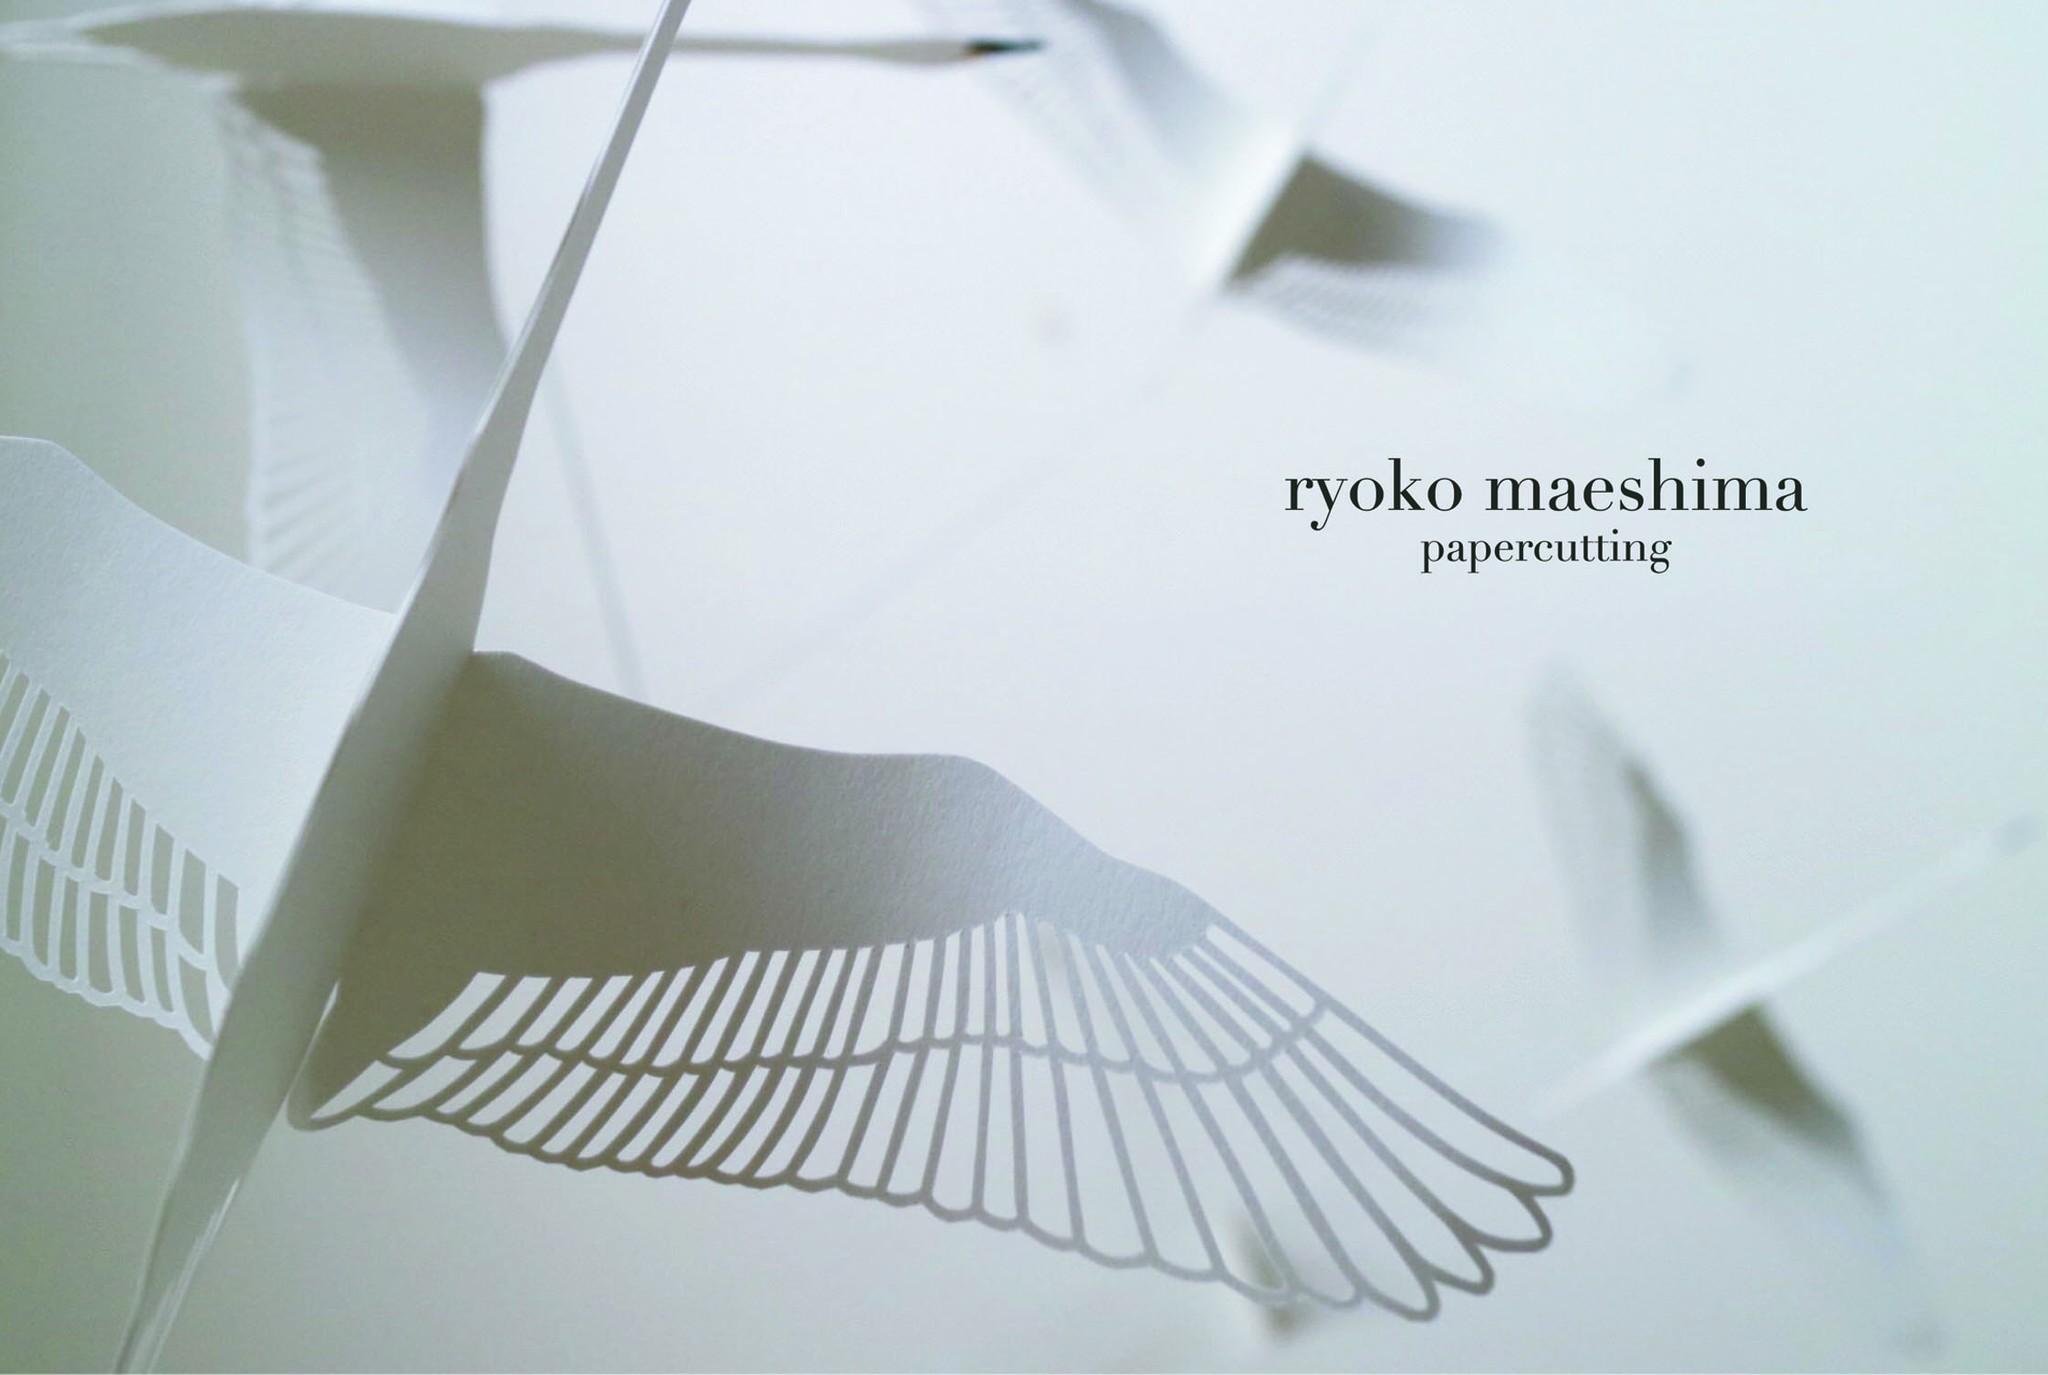 ryoko maeshima papercutting